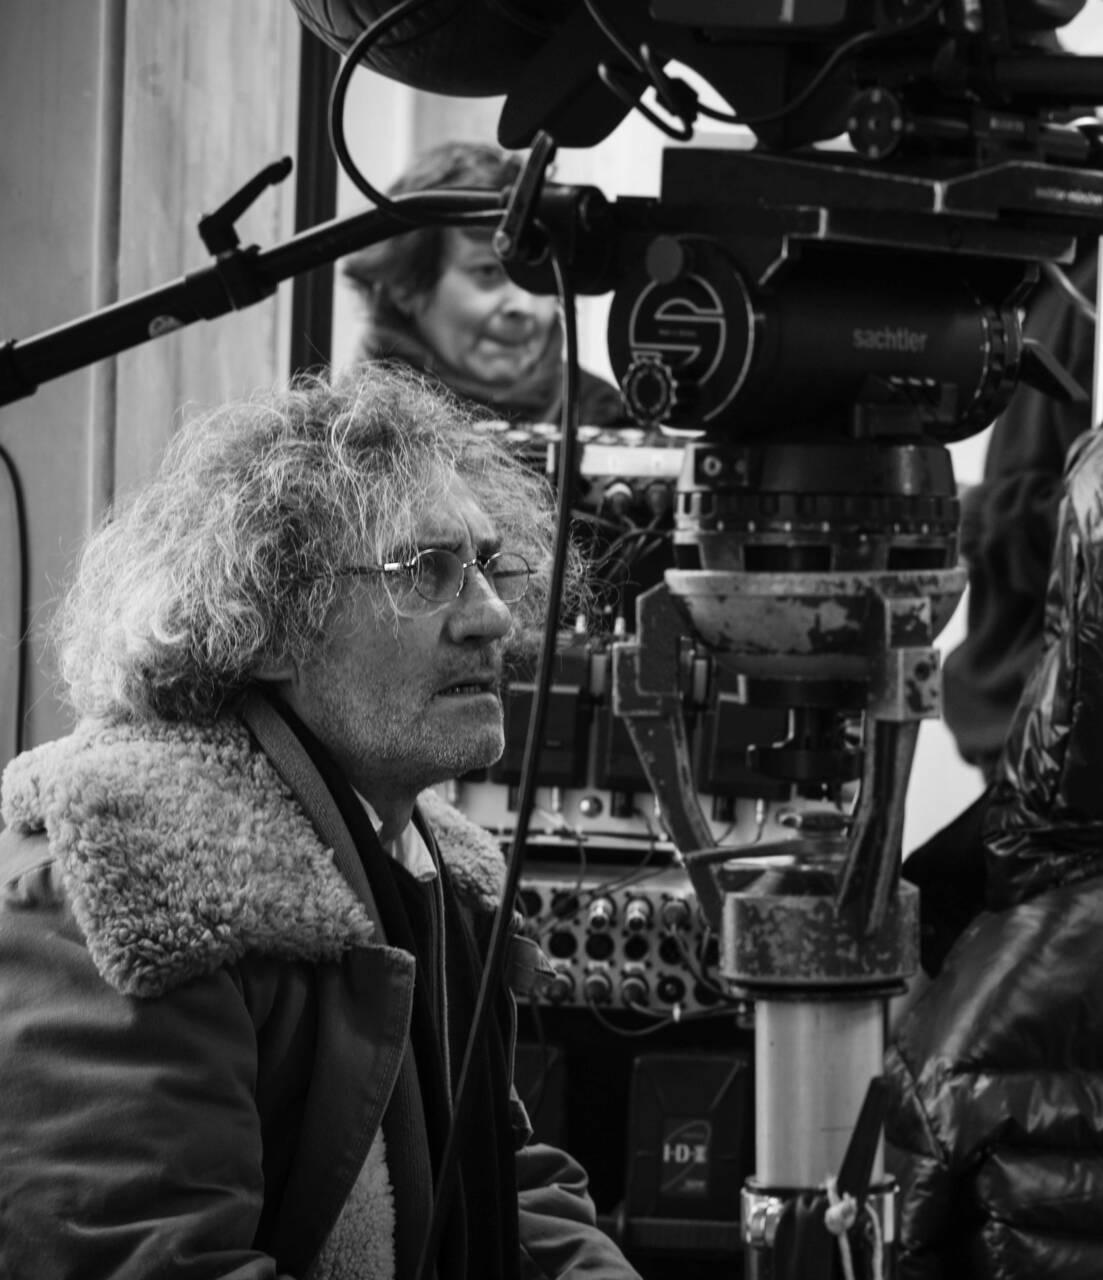 映画の思考徘徊 第9回 フィリップ・ガレル『ジェラシー』再訪〈前編〉──奇妙な自伝性